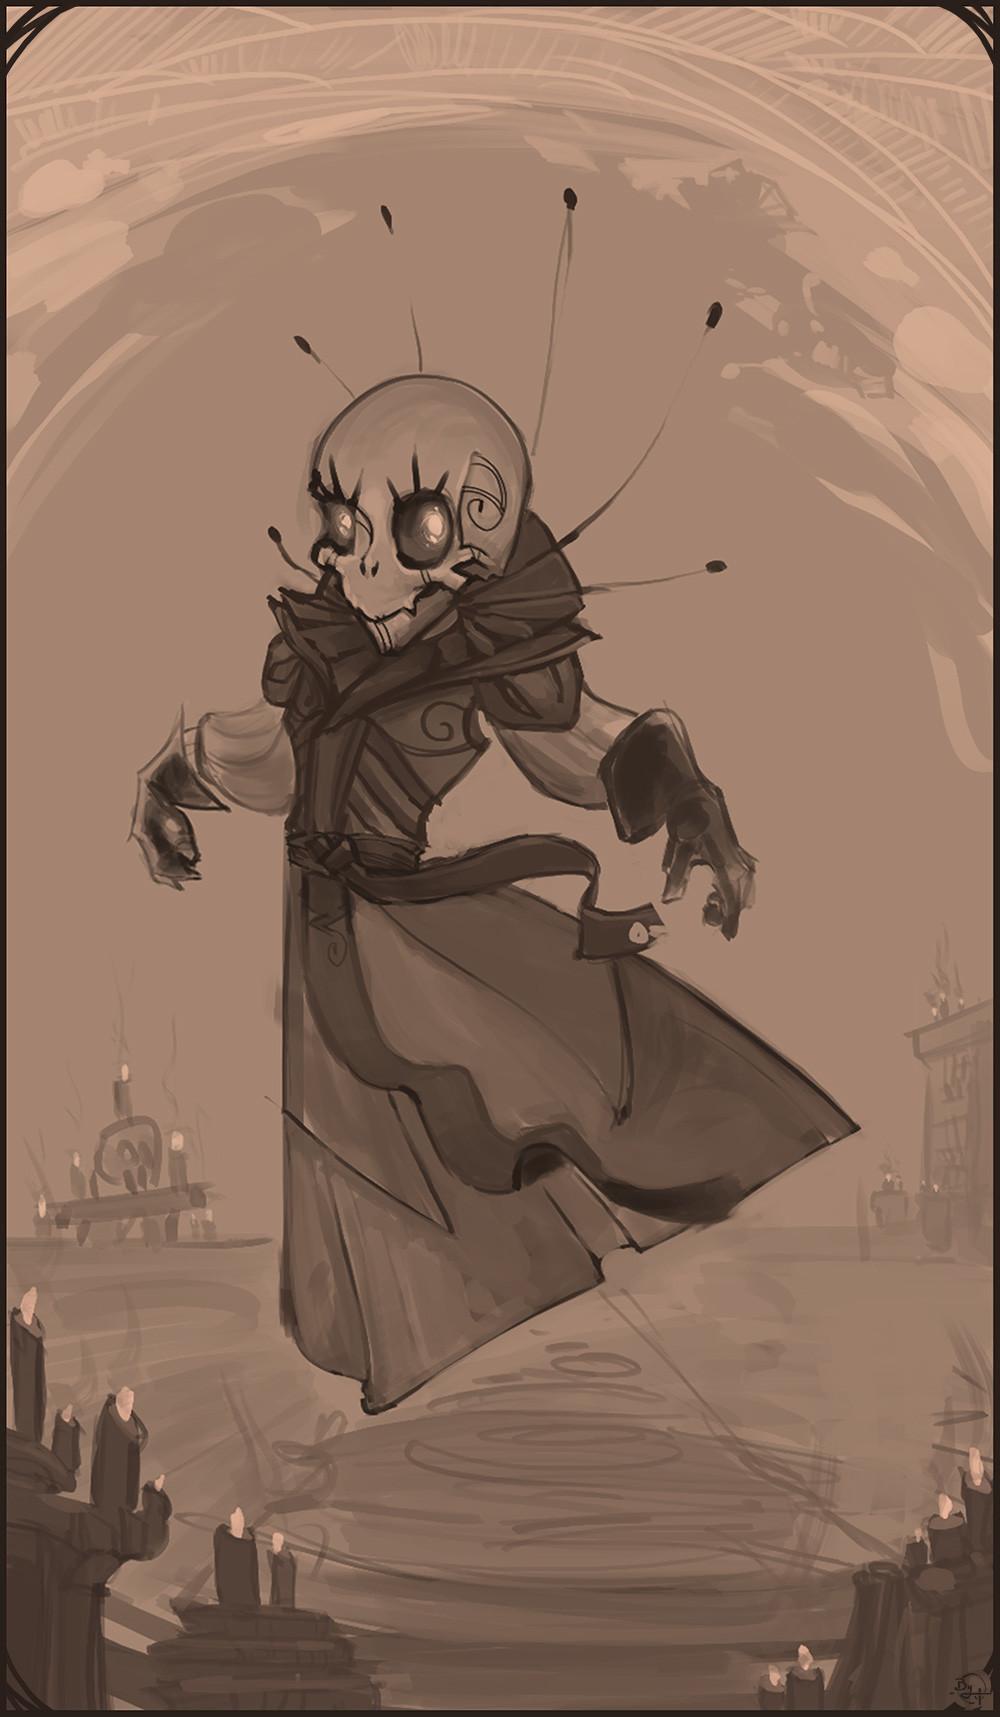 Etienne beschet la gamine squelette ze portrait rough